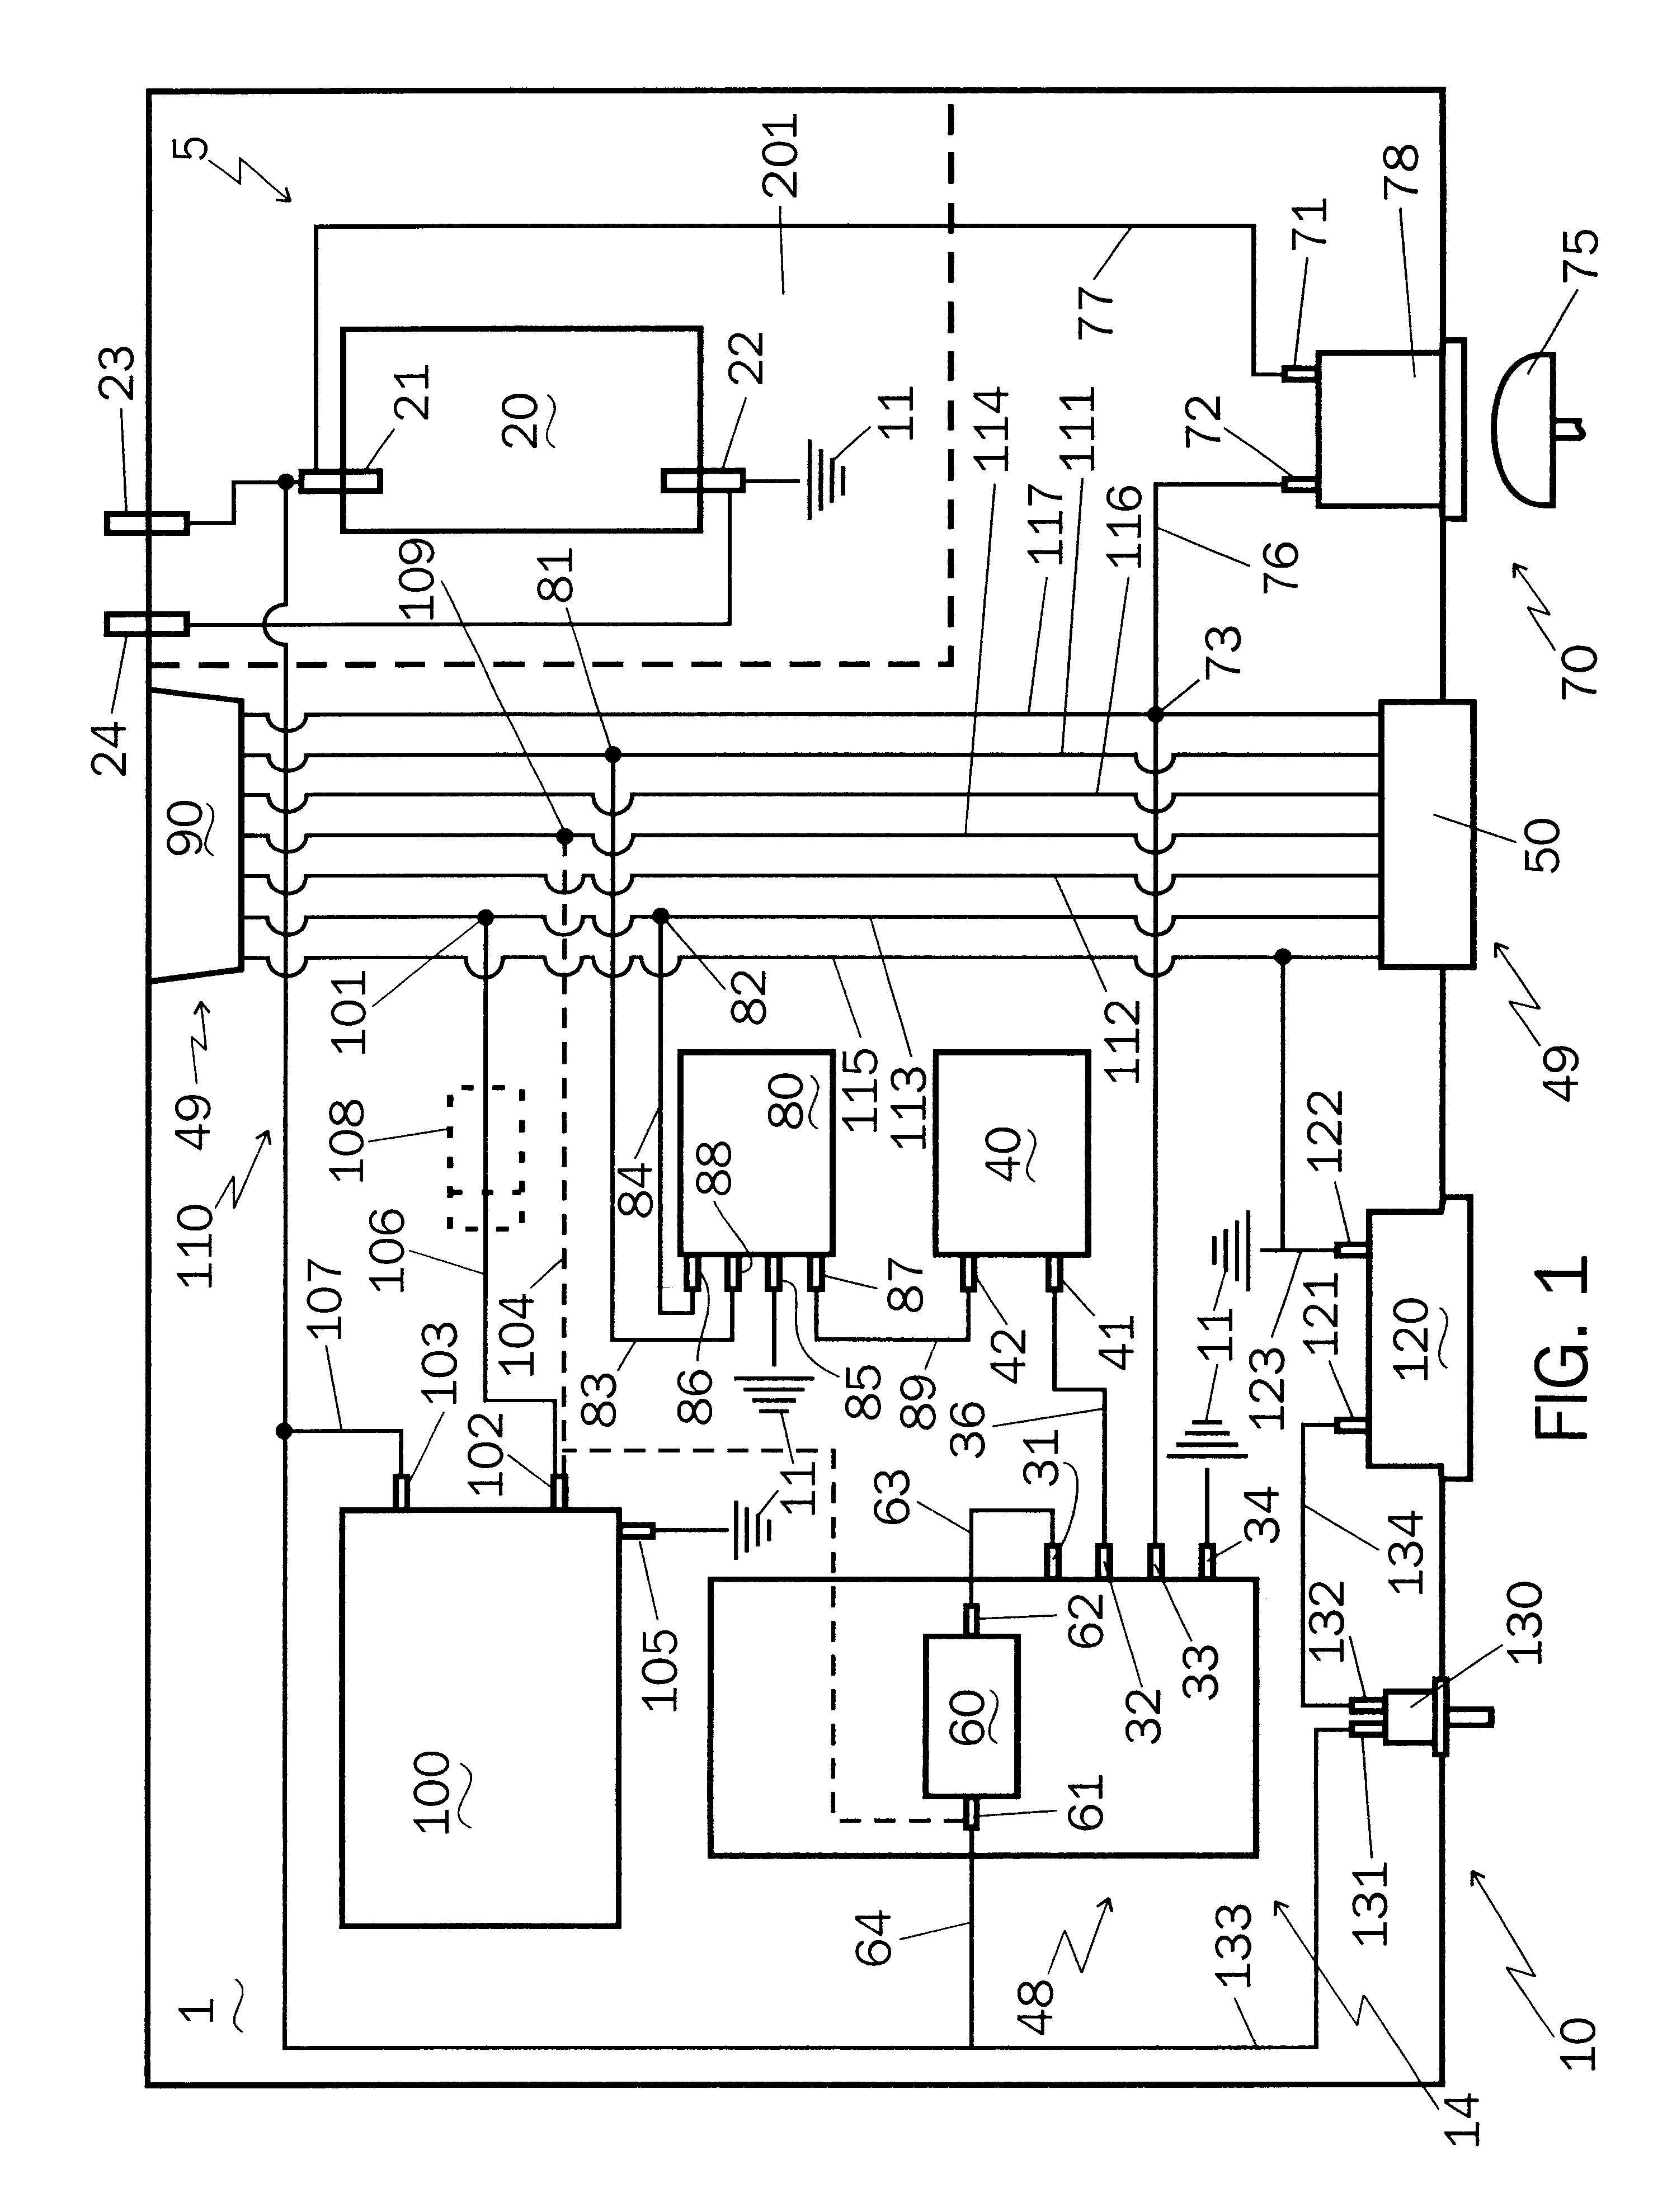 Pin On Trailer Wiring Diagram